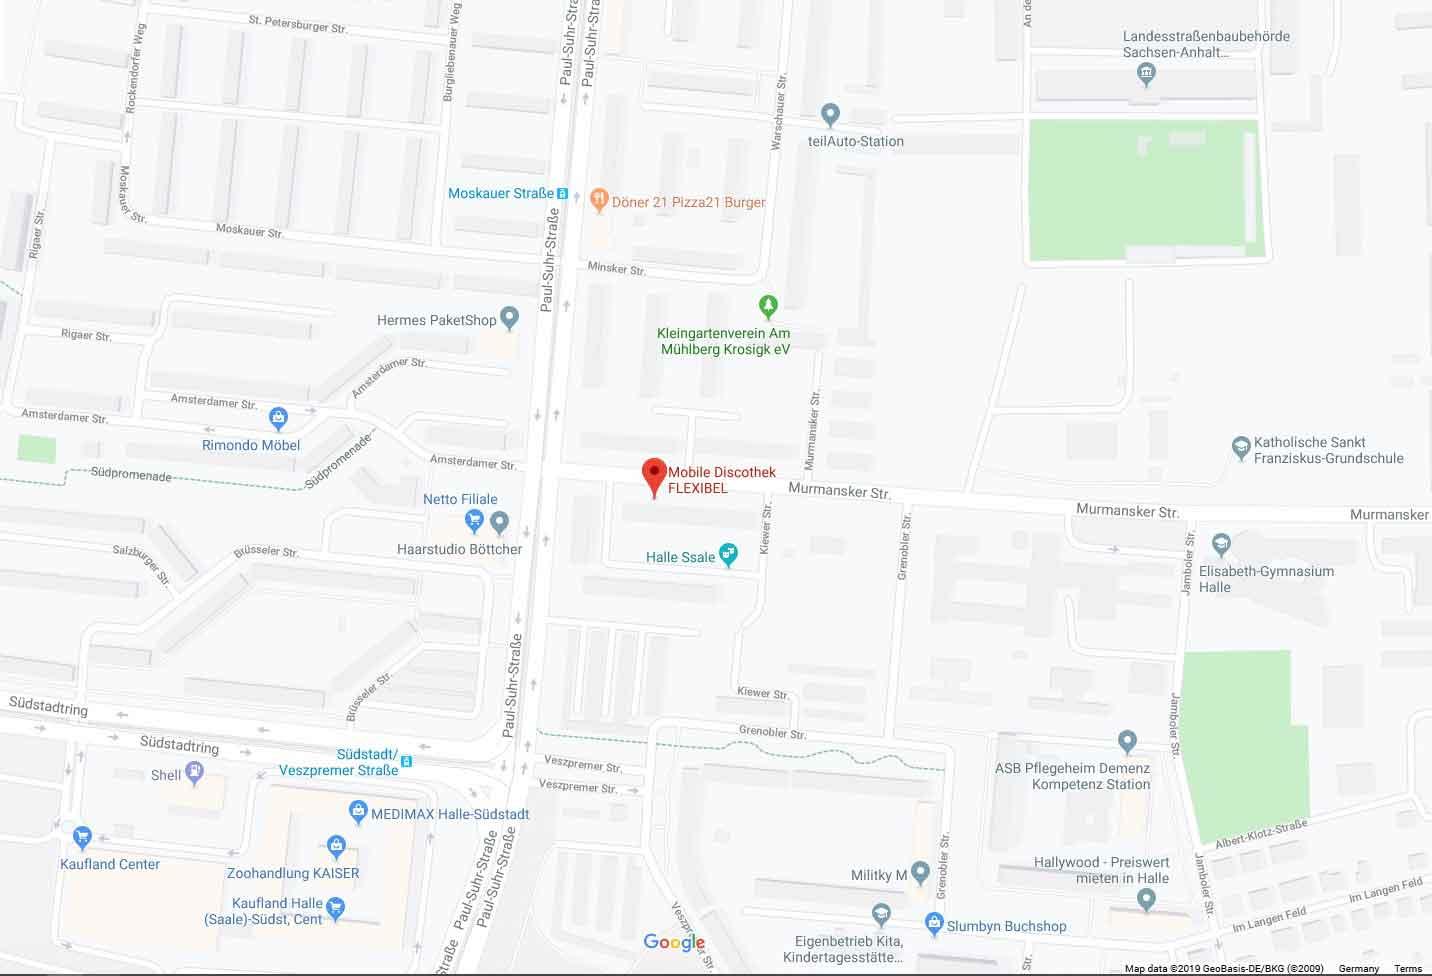 Googlemaps Standort Mobile Discothek Flexibel